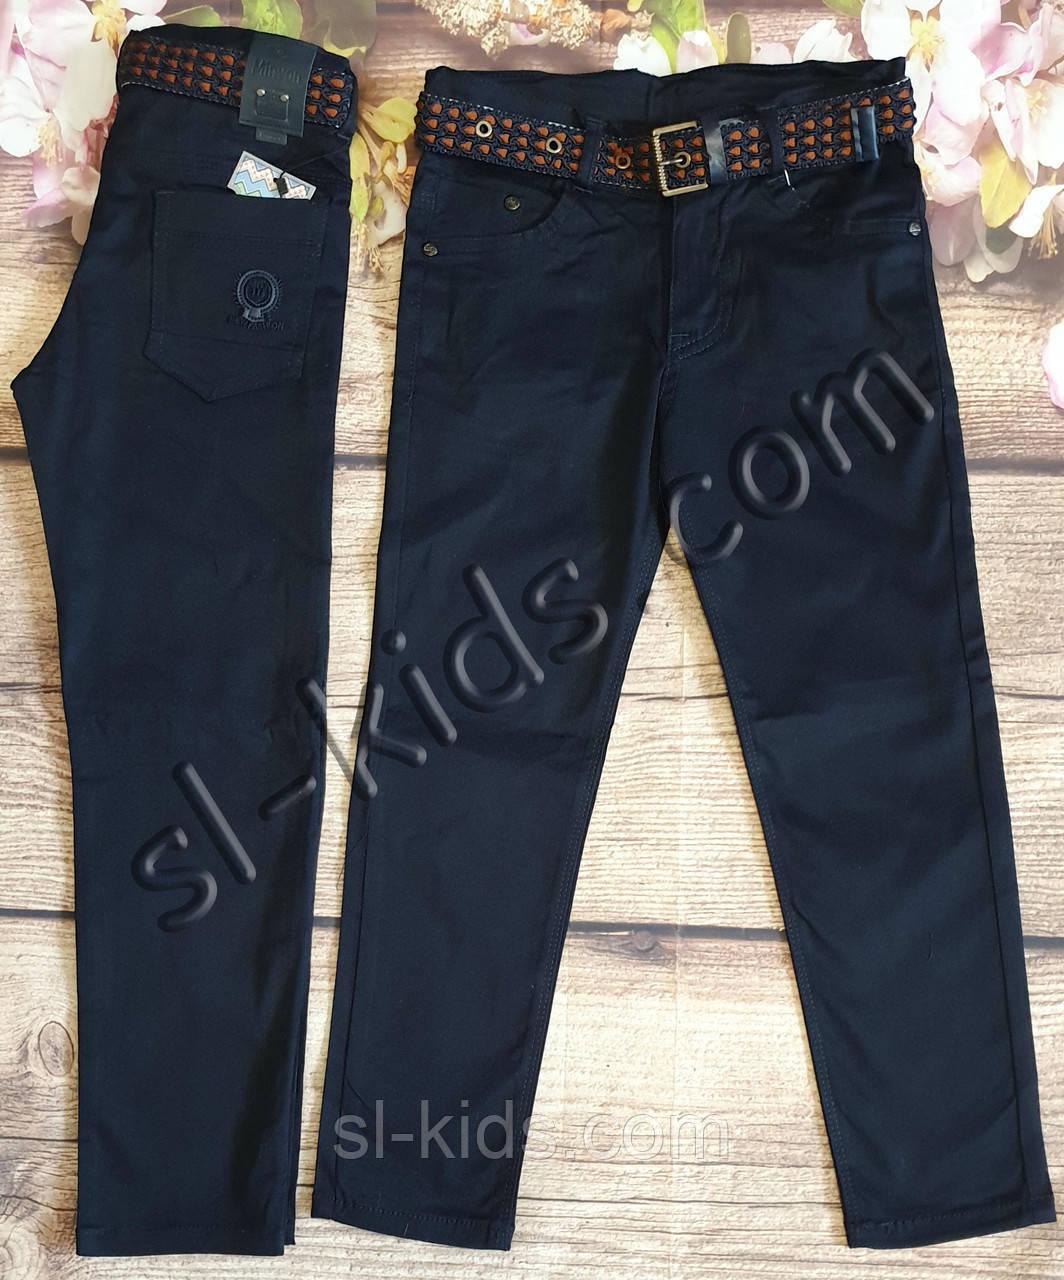 Яркие штаны,джинсы для мальчика 8-12 лет(темно синие) розн пр.Турция